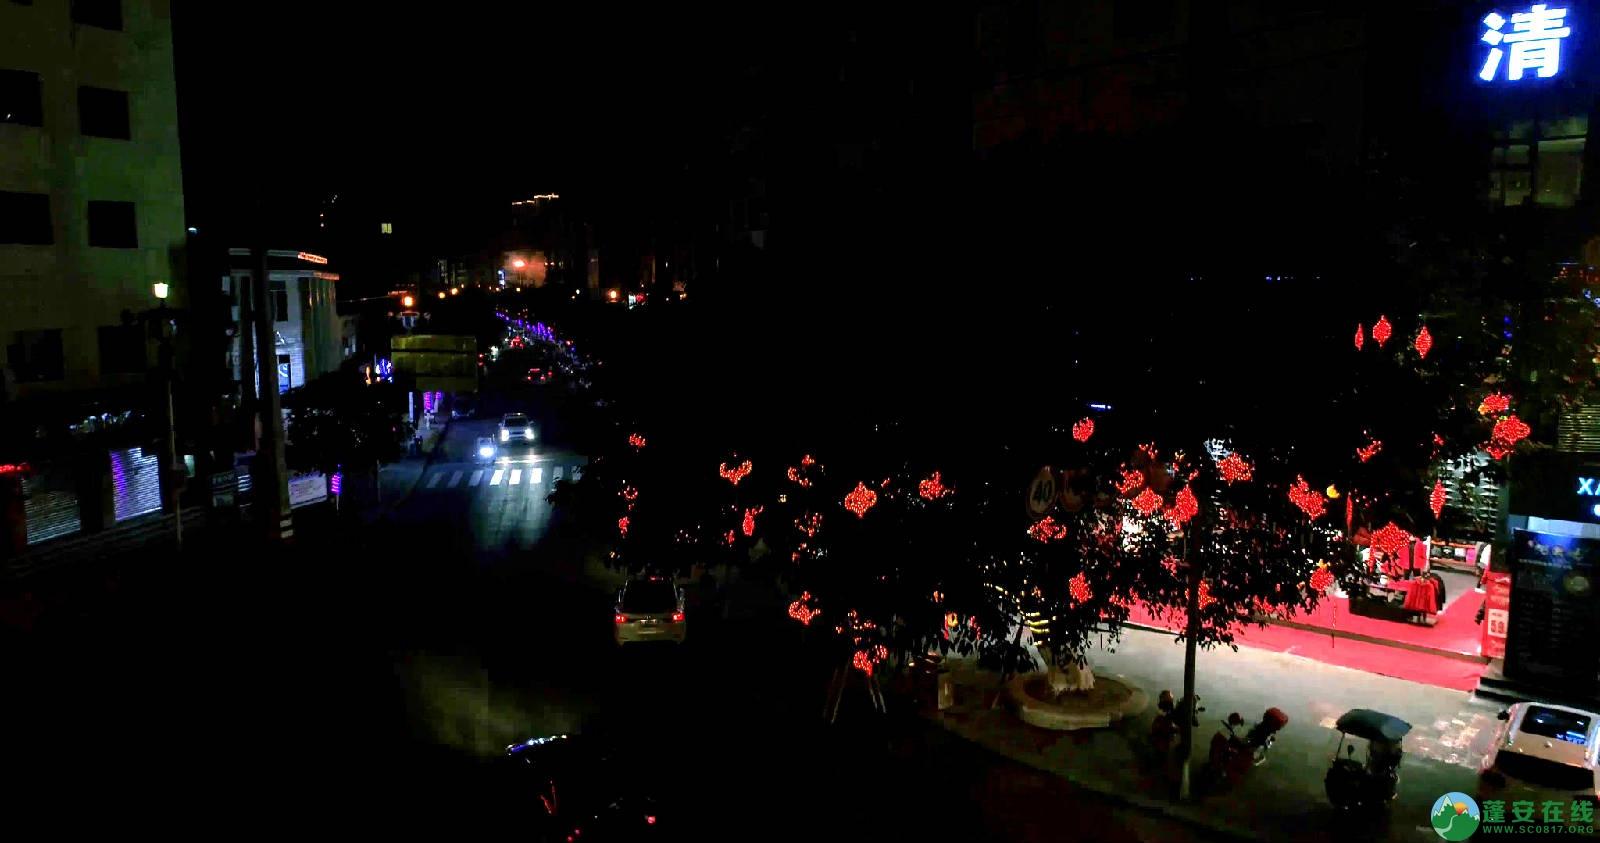 临近春节的蓬安夜色 - 第10张  | 蓬安在线